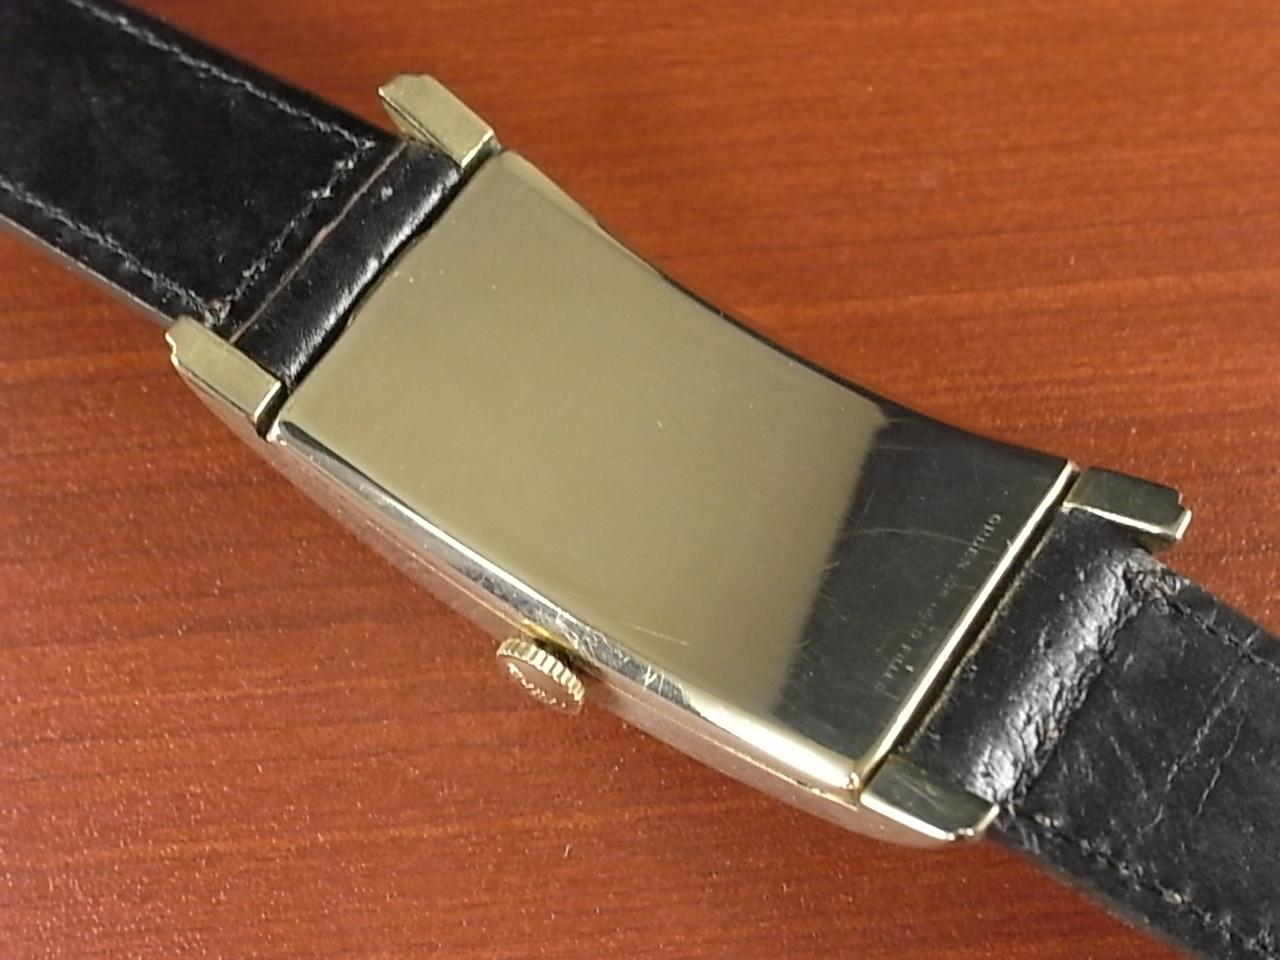 グリュエン カーベックス ブラック/ゴールド 2トーンダイアル Cal.330 1930年代 の写真4枚目